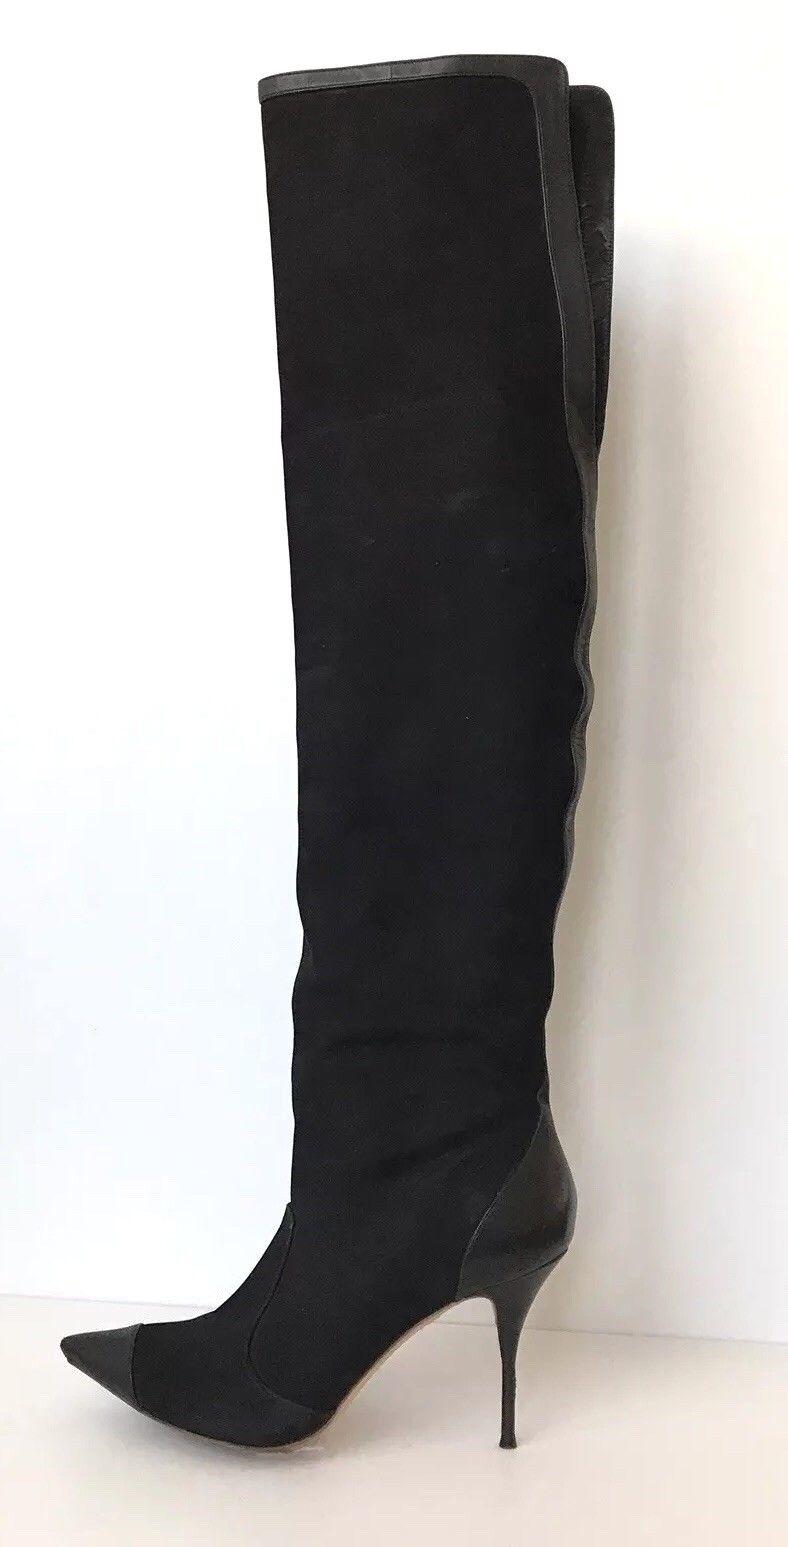 Sophia Webster Hallie Hallie Hallie Nubuck Negro Suede sobre la rodilla botas, tapicería de cuero UK 6  almacén al por mayor